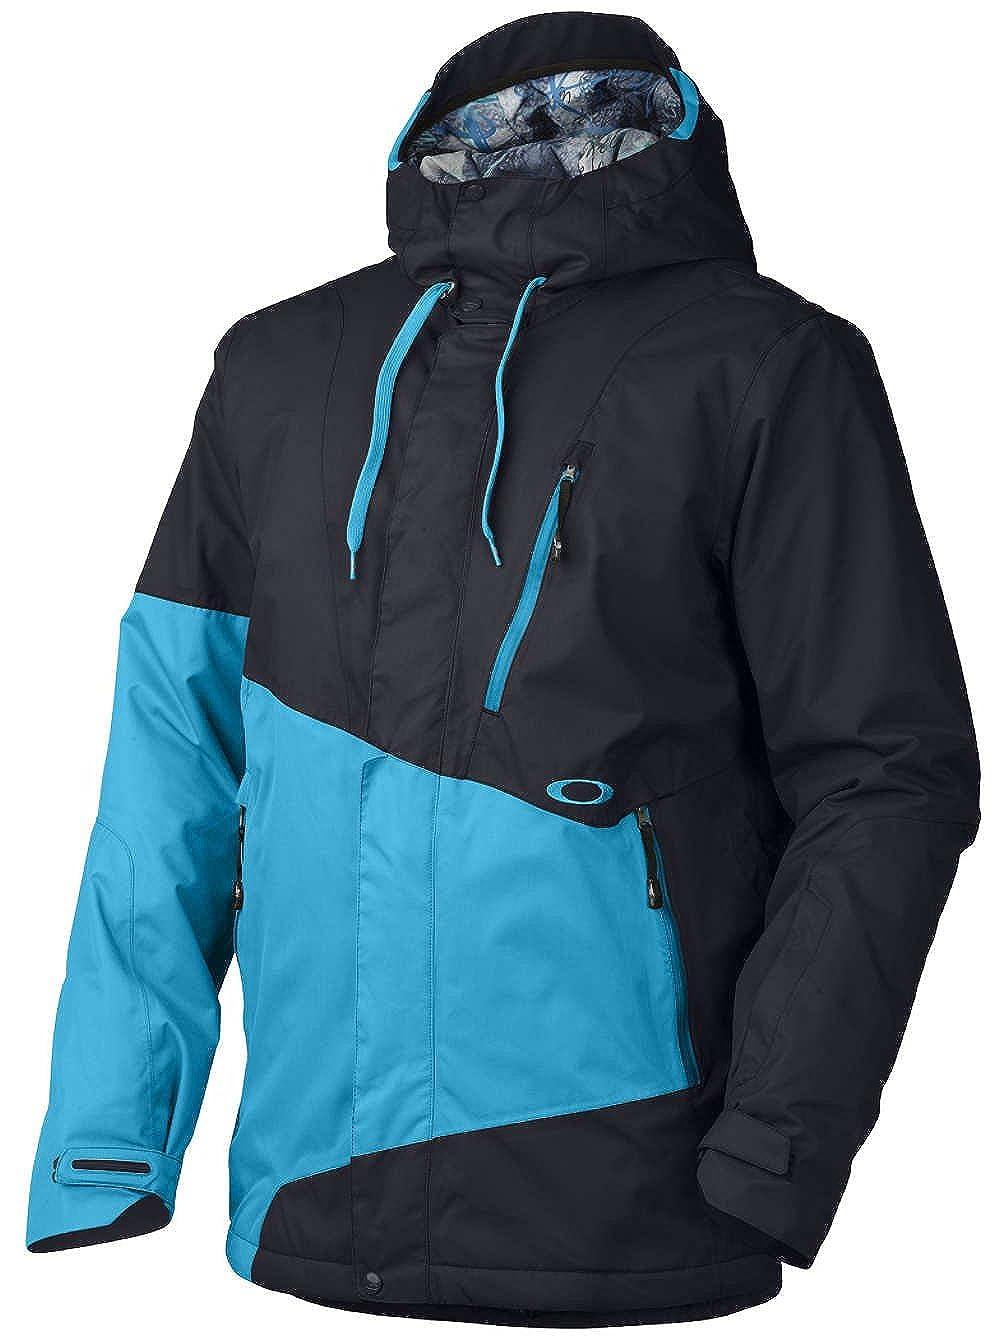 Oakley Division Función chaqueta Navy Blue, hombre, color ...